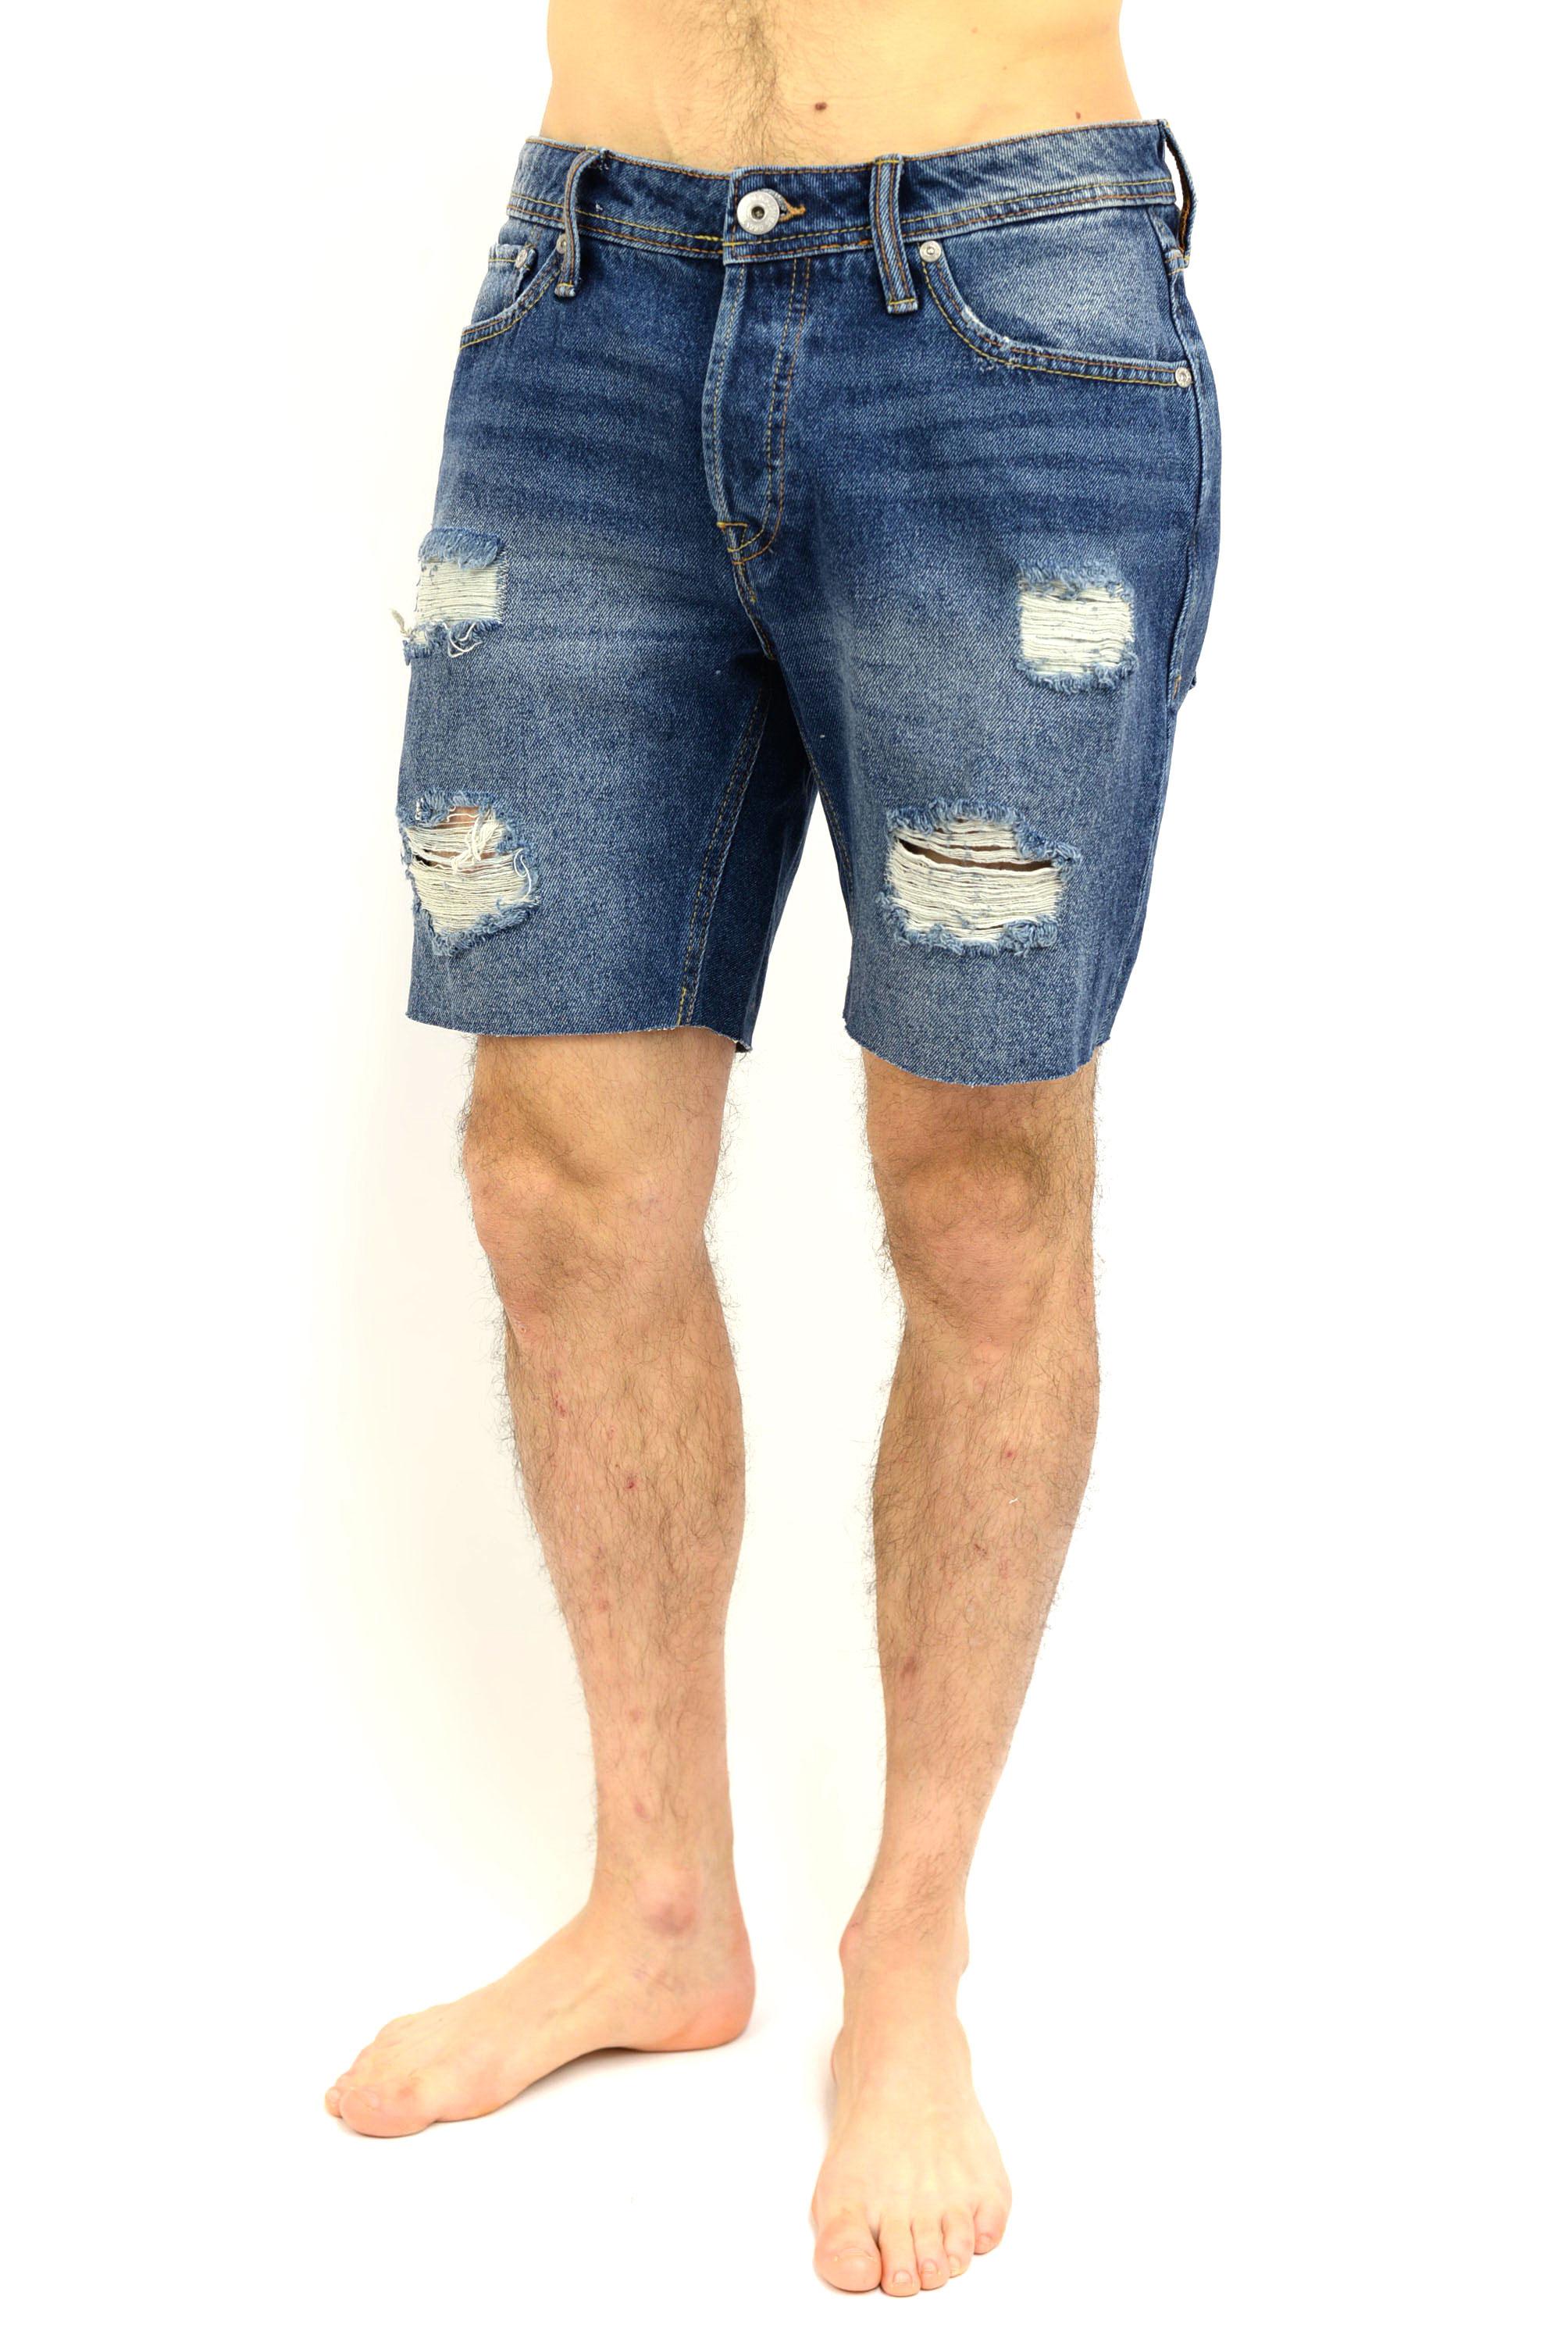 migliore a buon mercato 5ca2d 7f3c8 Bermuda jeans strappato